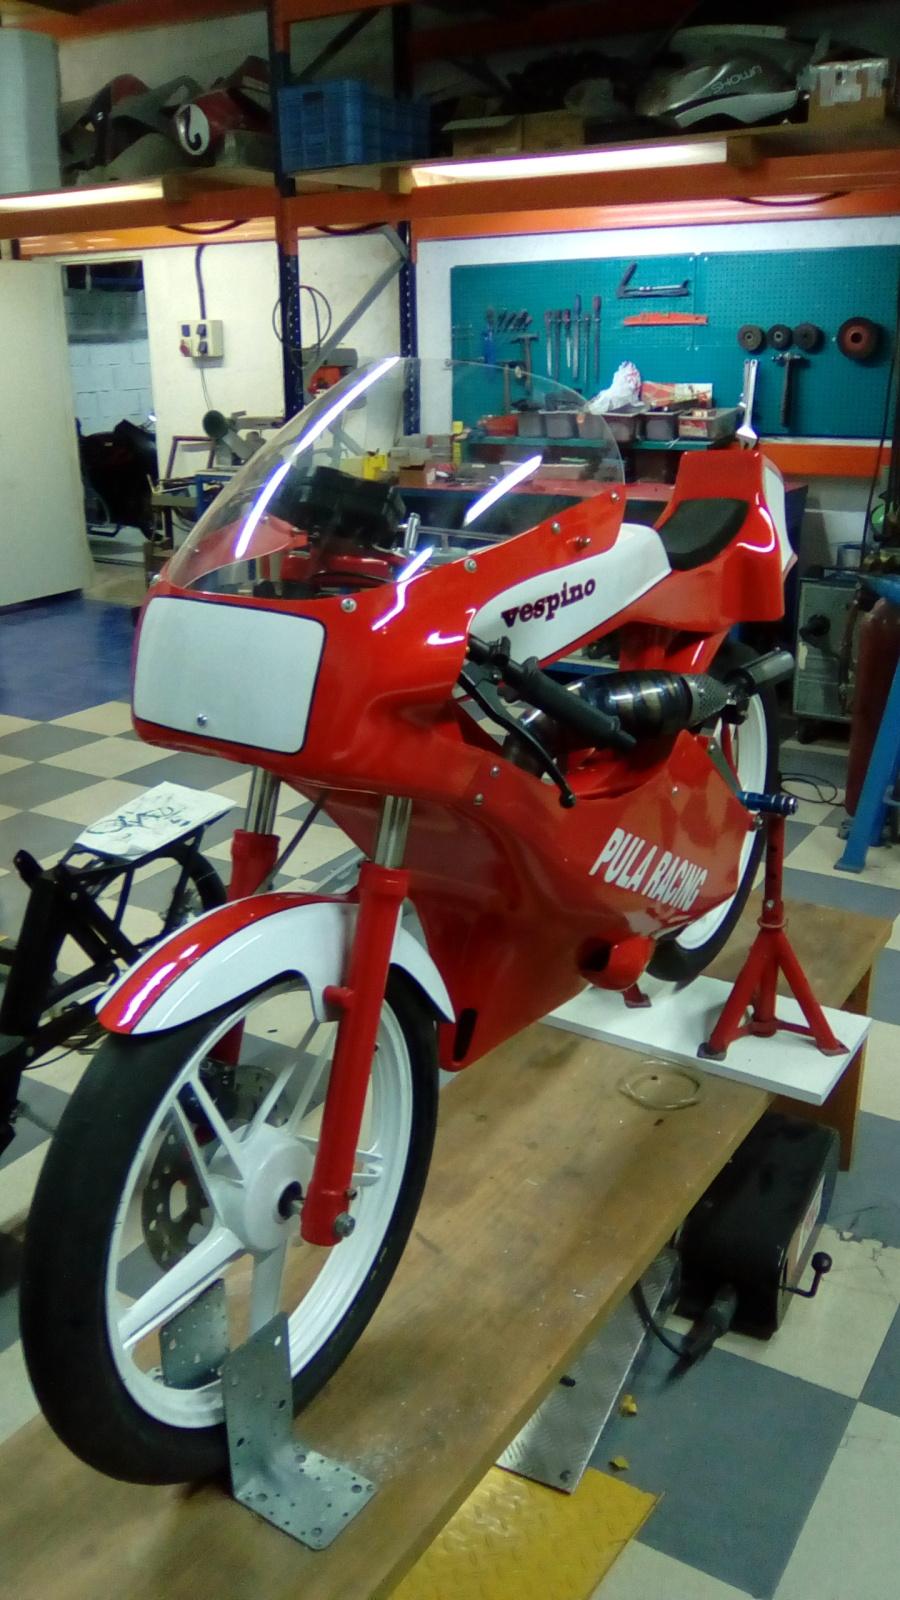 Proyecto Vespino de 65 cc. de Velocidad. - Página 2 53u0jq